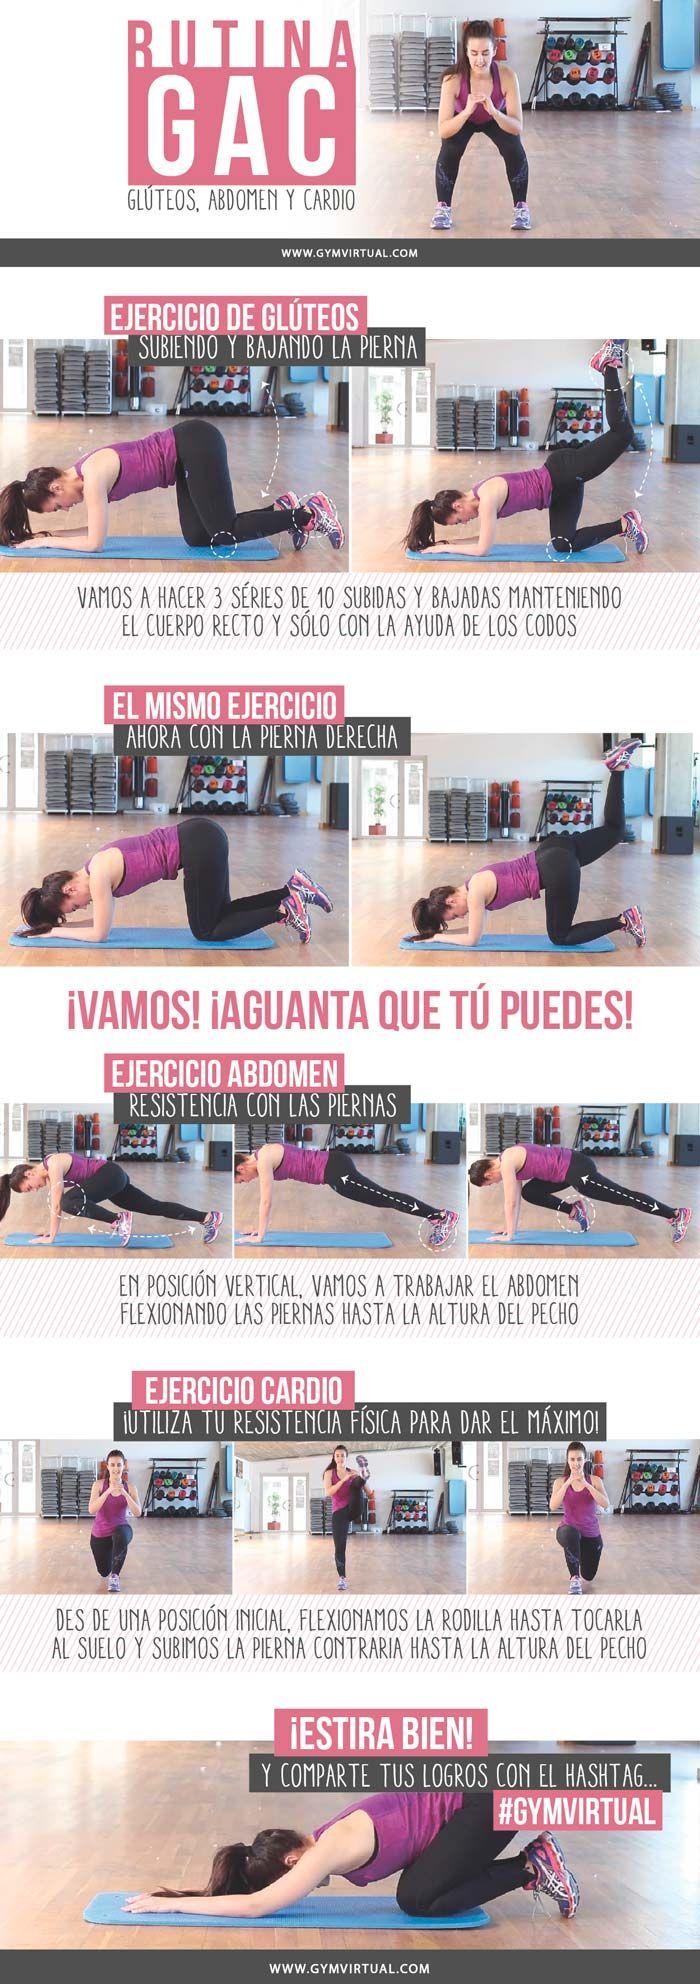 Tablas para hacer ejercicio en gimnasio